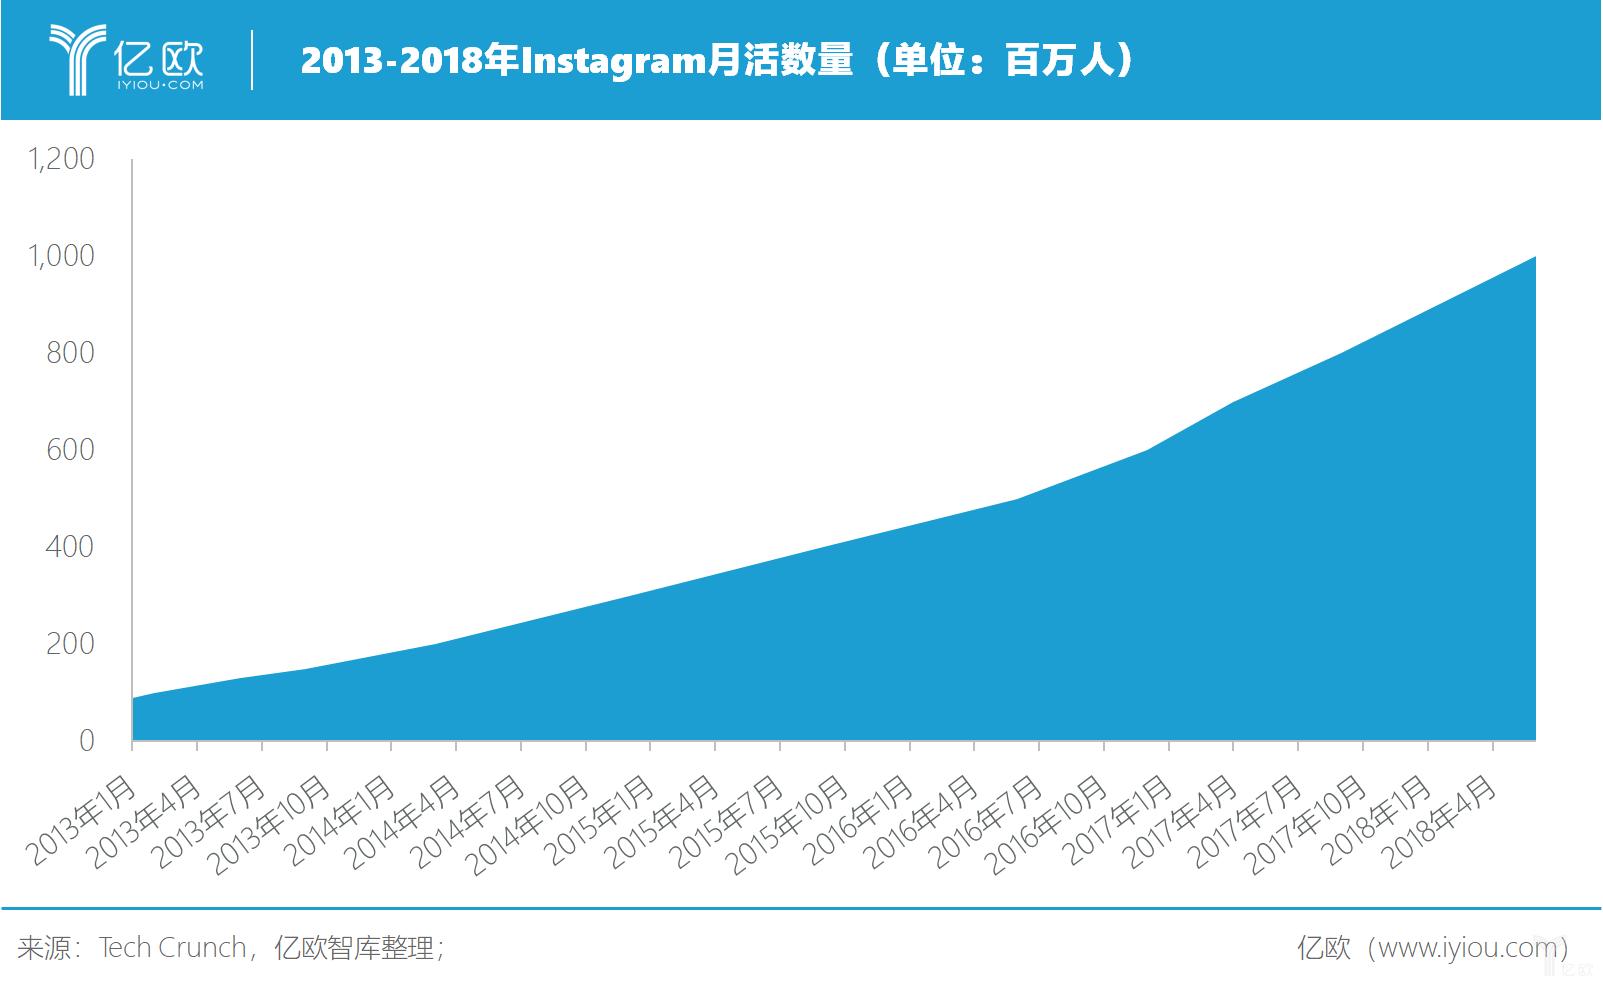 亿欧智库:2013-2018年Instagram月活数量